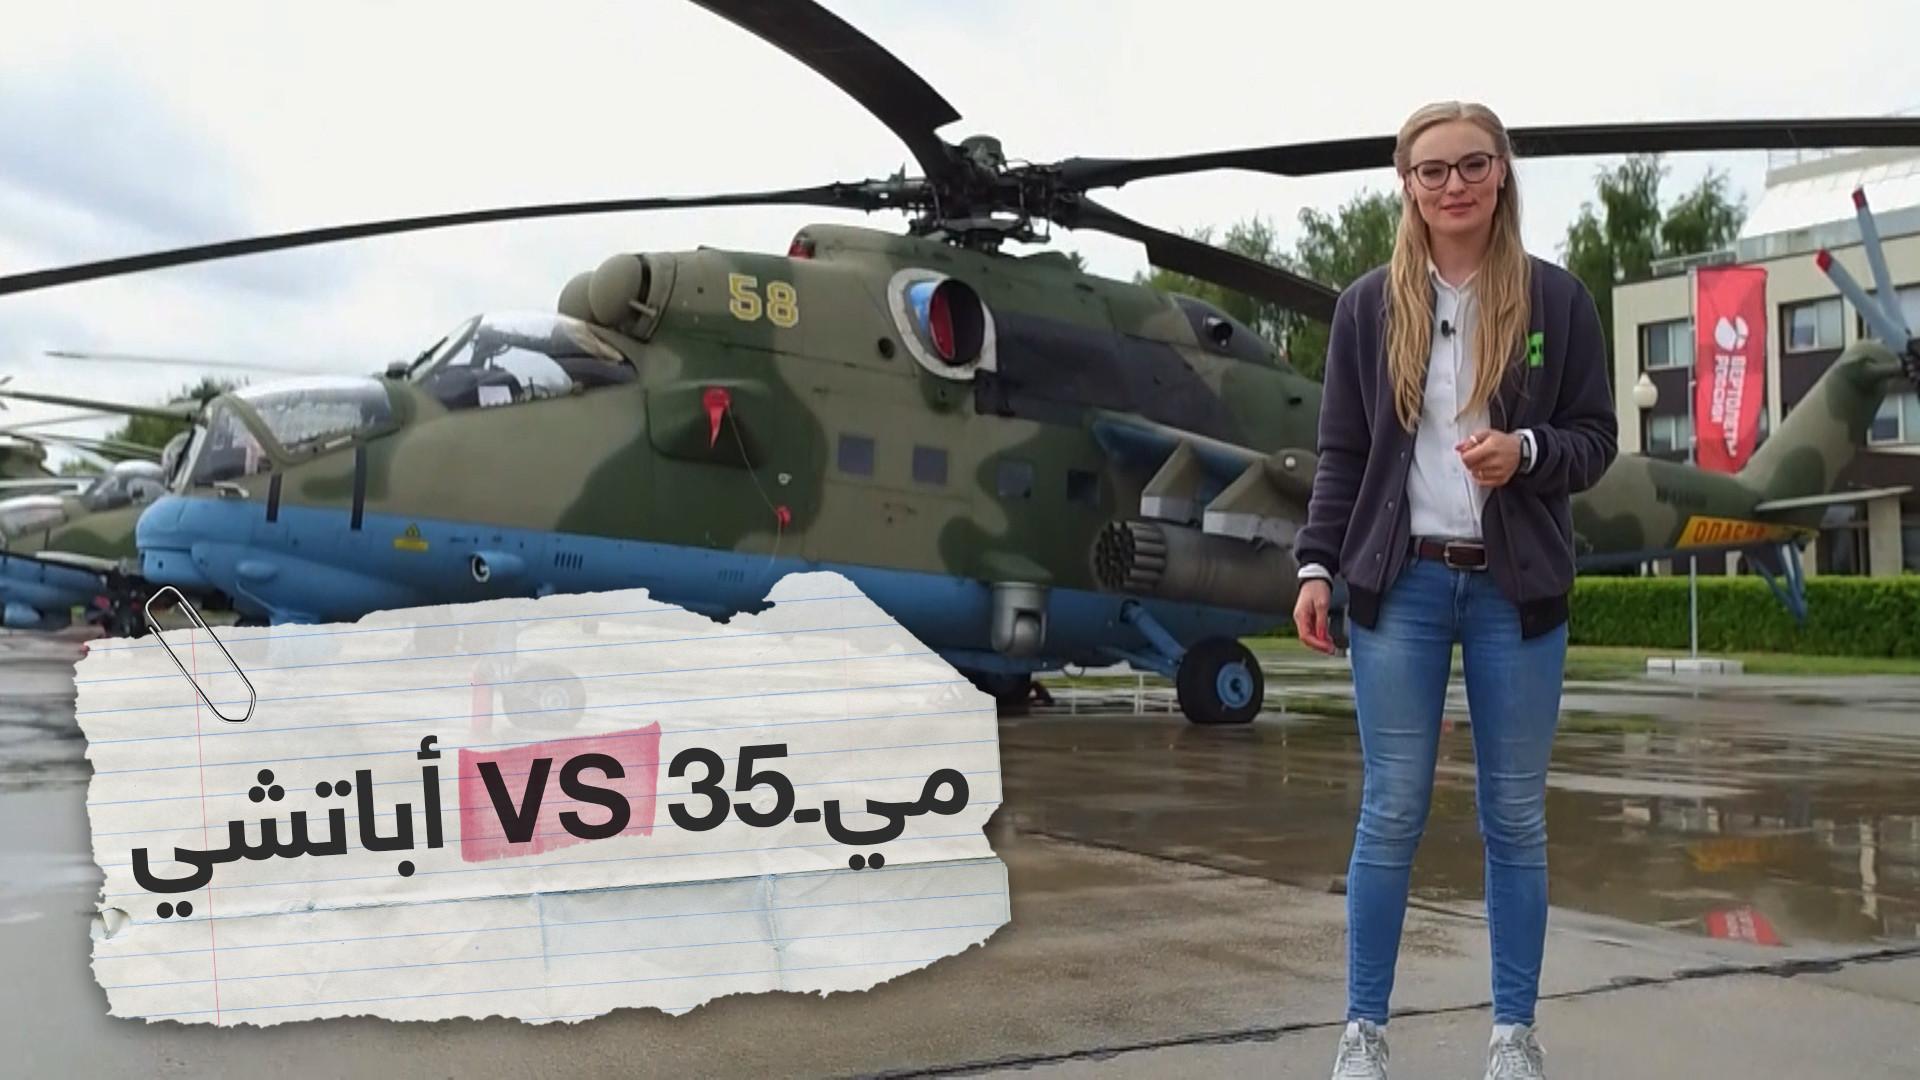 مي-35 الروسية وأباتشي الأمريكية.. أيهما أقوى وأفضل؟